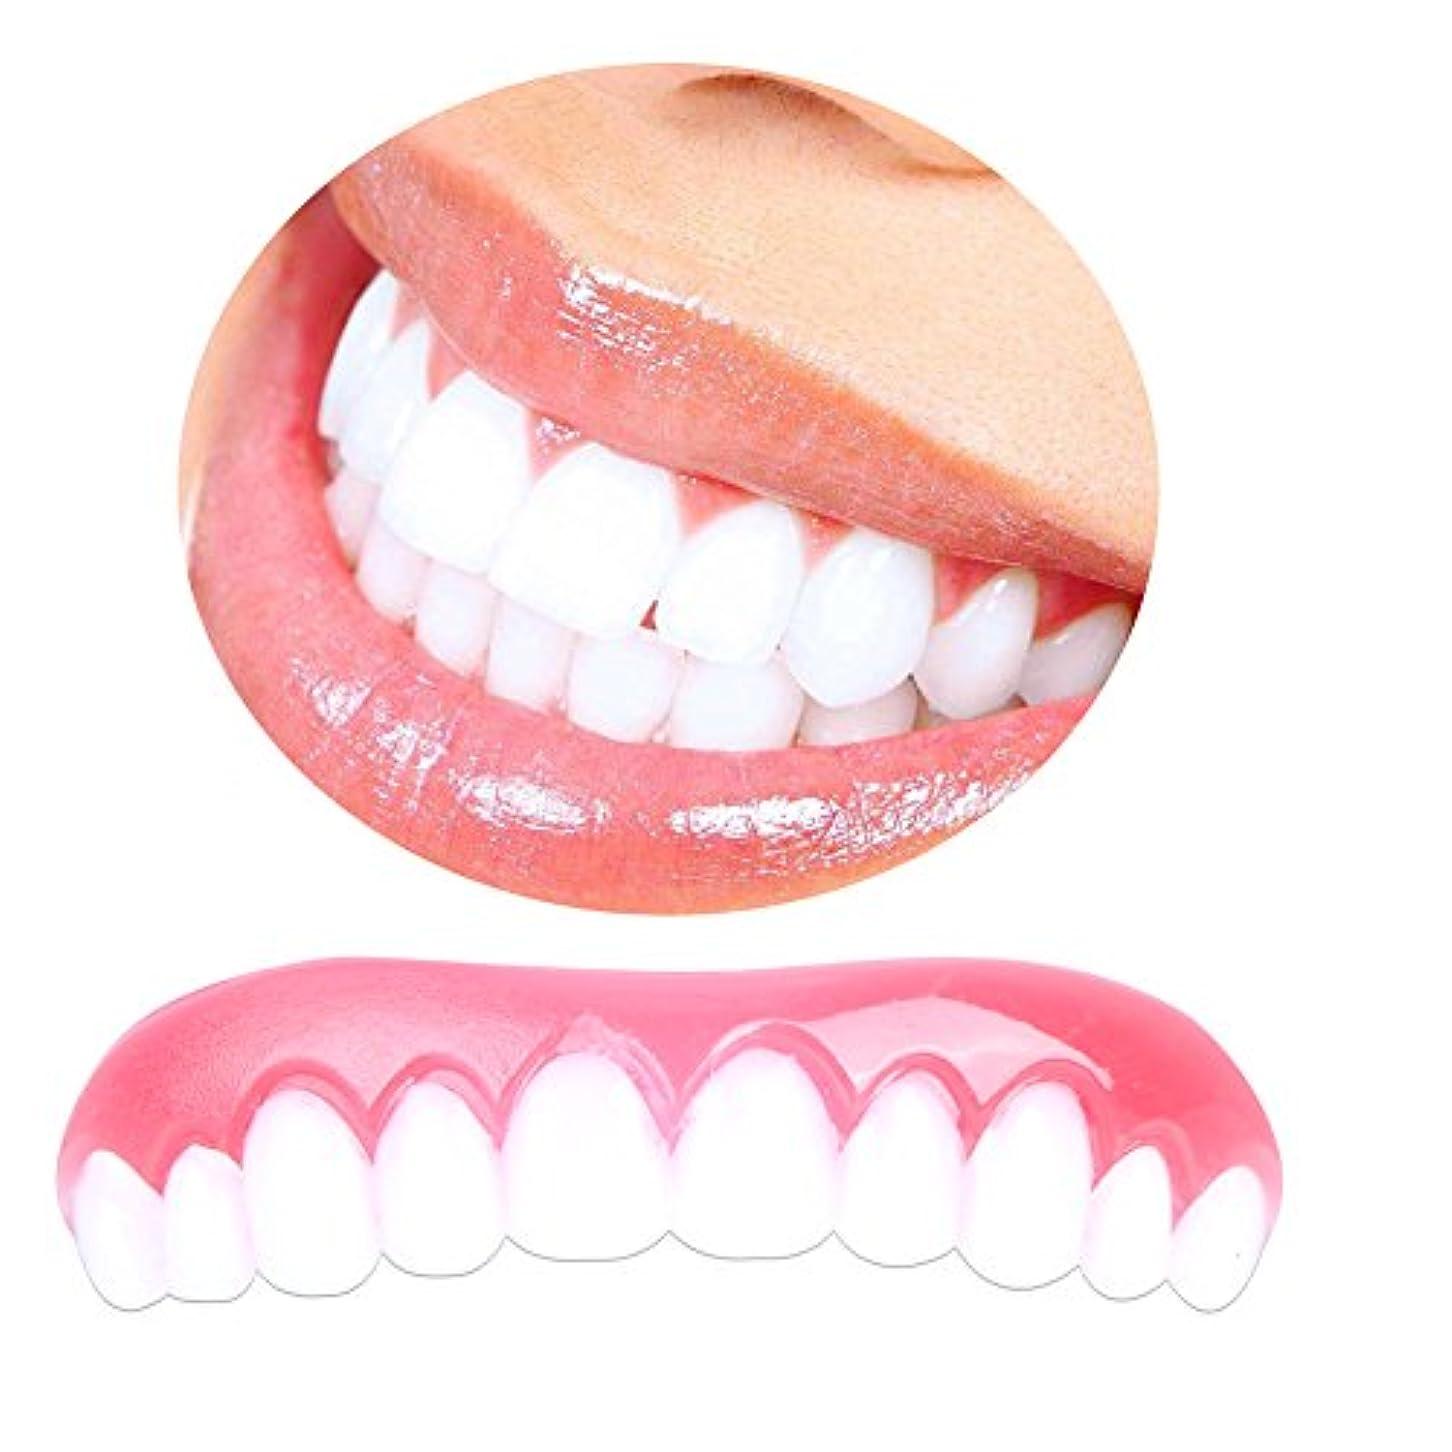 リットル不愉快に露骨な2ピースコンフォートフィットフレックス化粧品の歯完璧な笑顔のベニヤダブの歯の修正のための歯の修正のための完璧な笑顔のベニヤの歯のホワイトニング